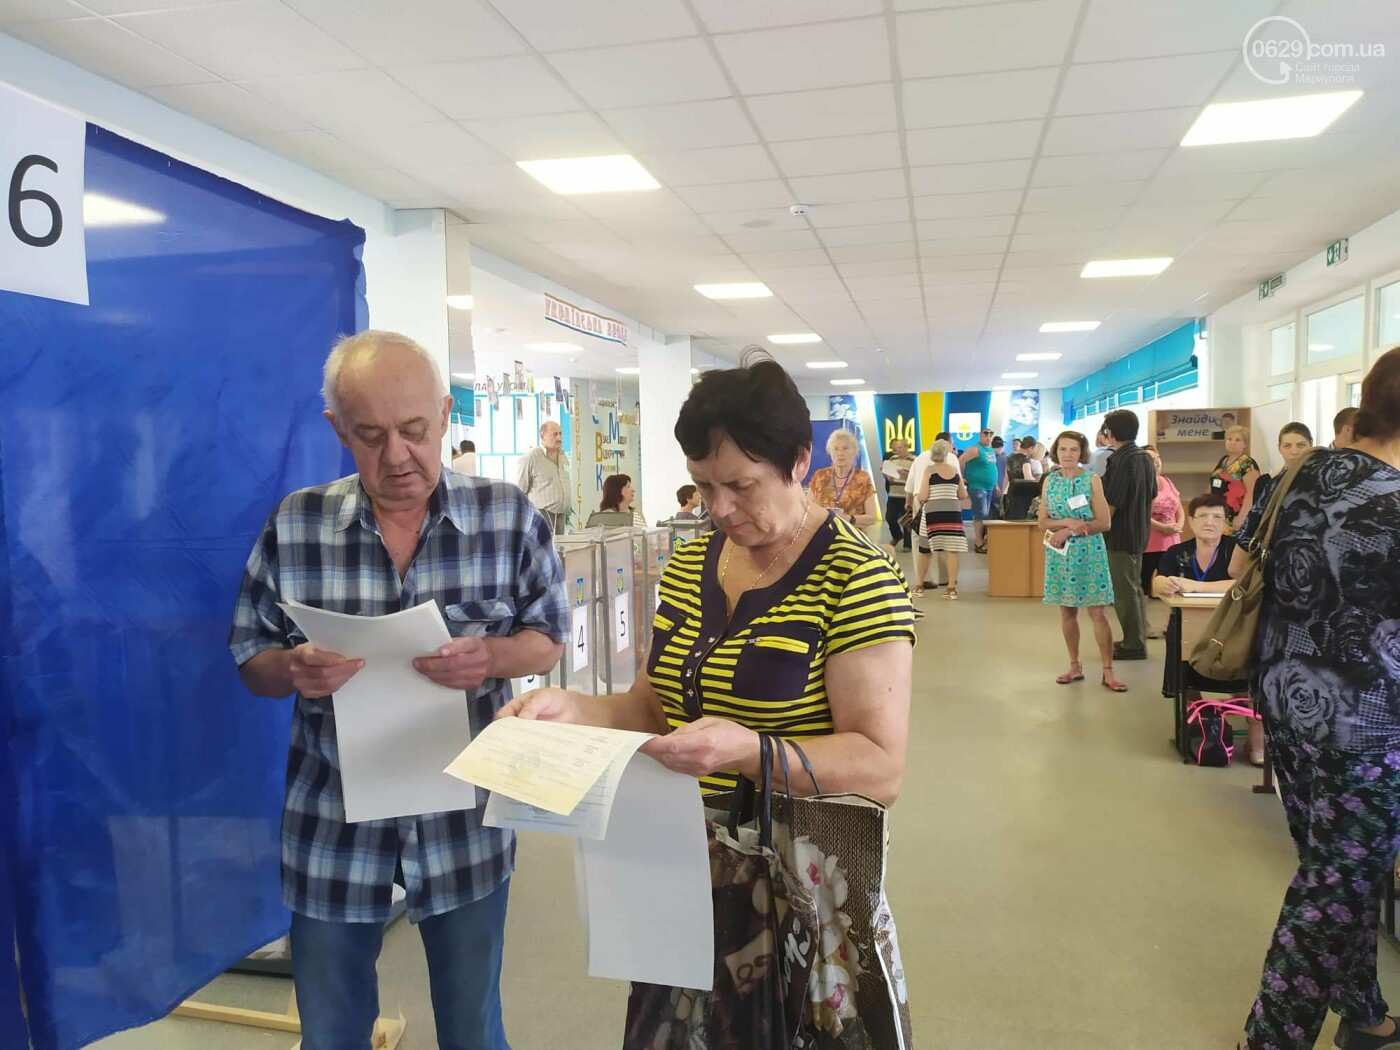 Выборы в Верховную Раду: как голосуют в Мариуполе, - ON-LINE, фото-9